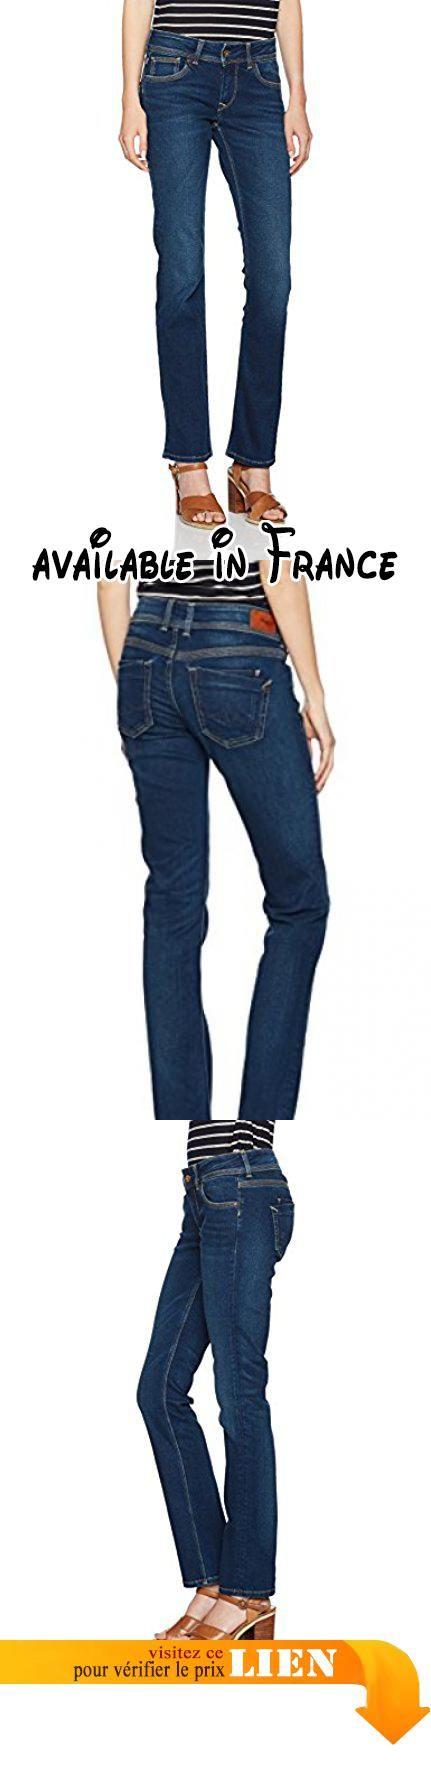 Jeans femme droit couleur